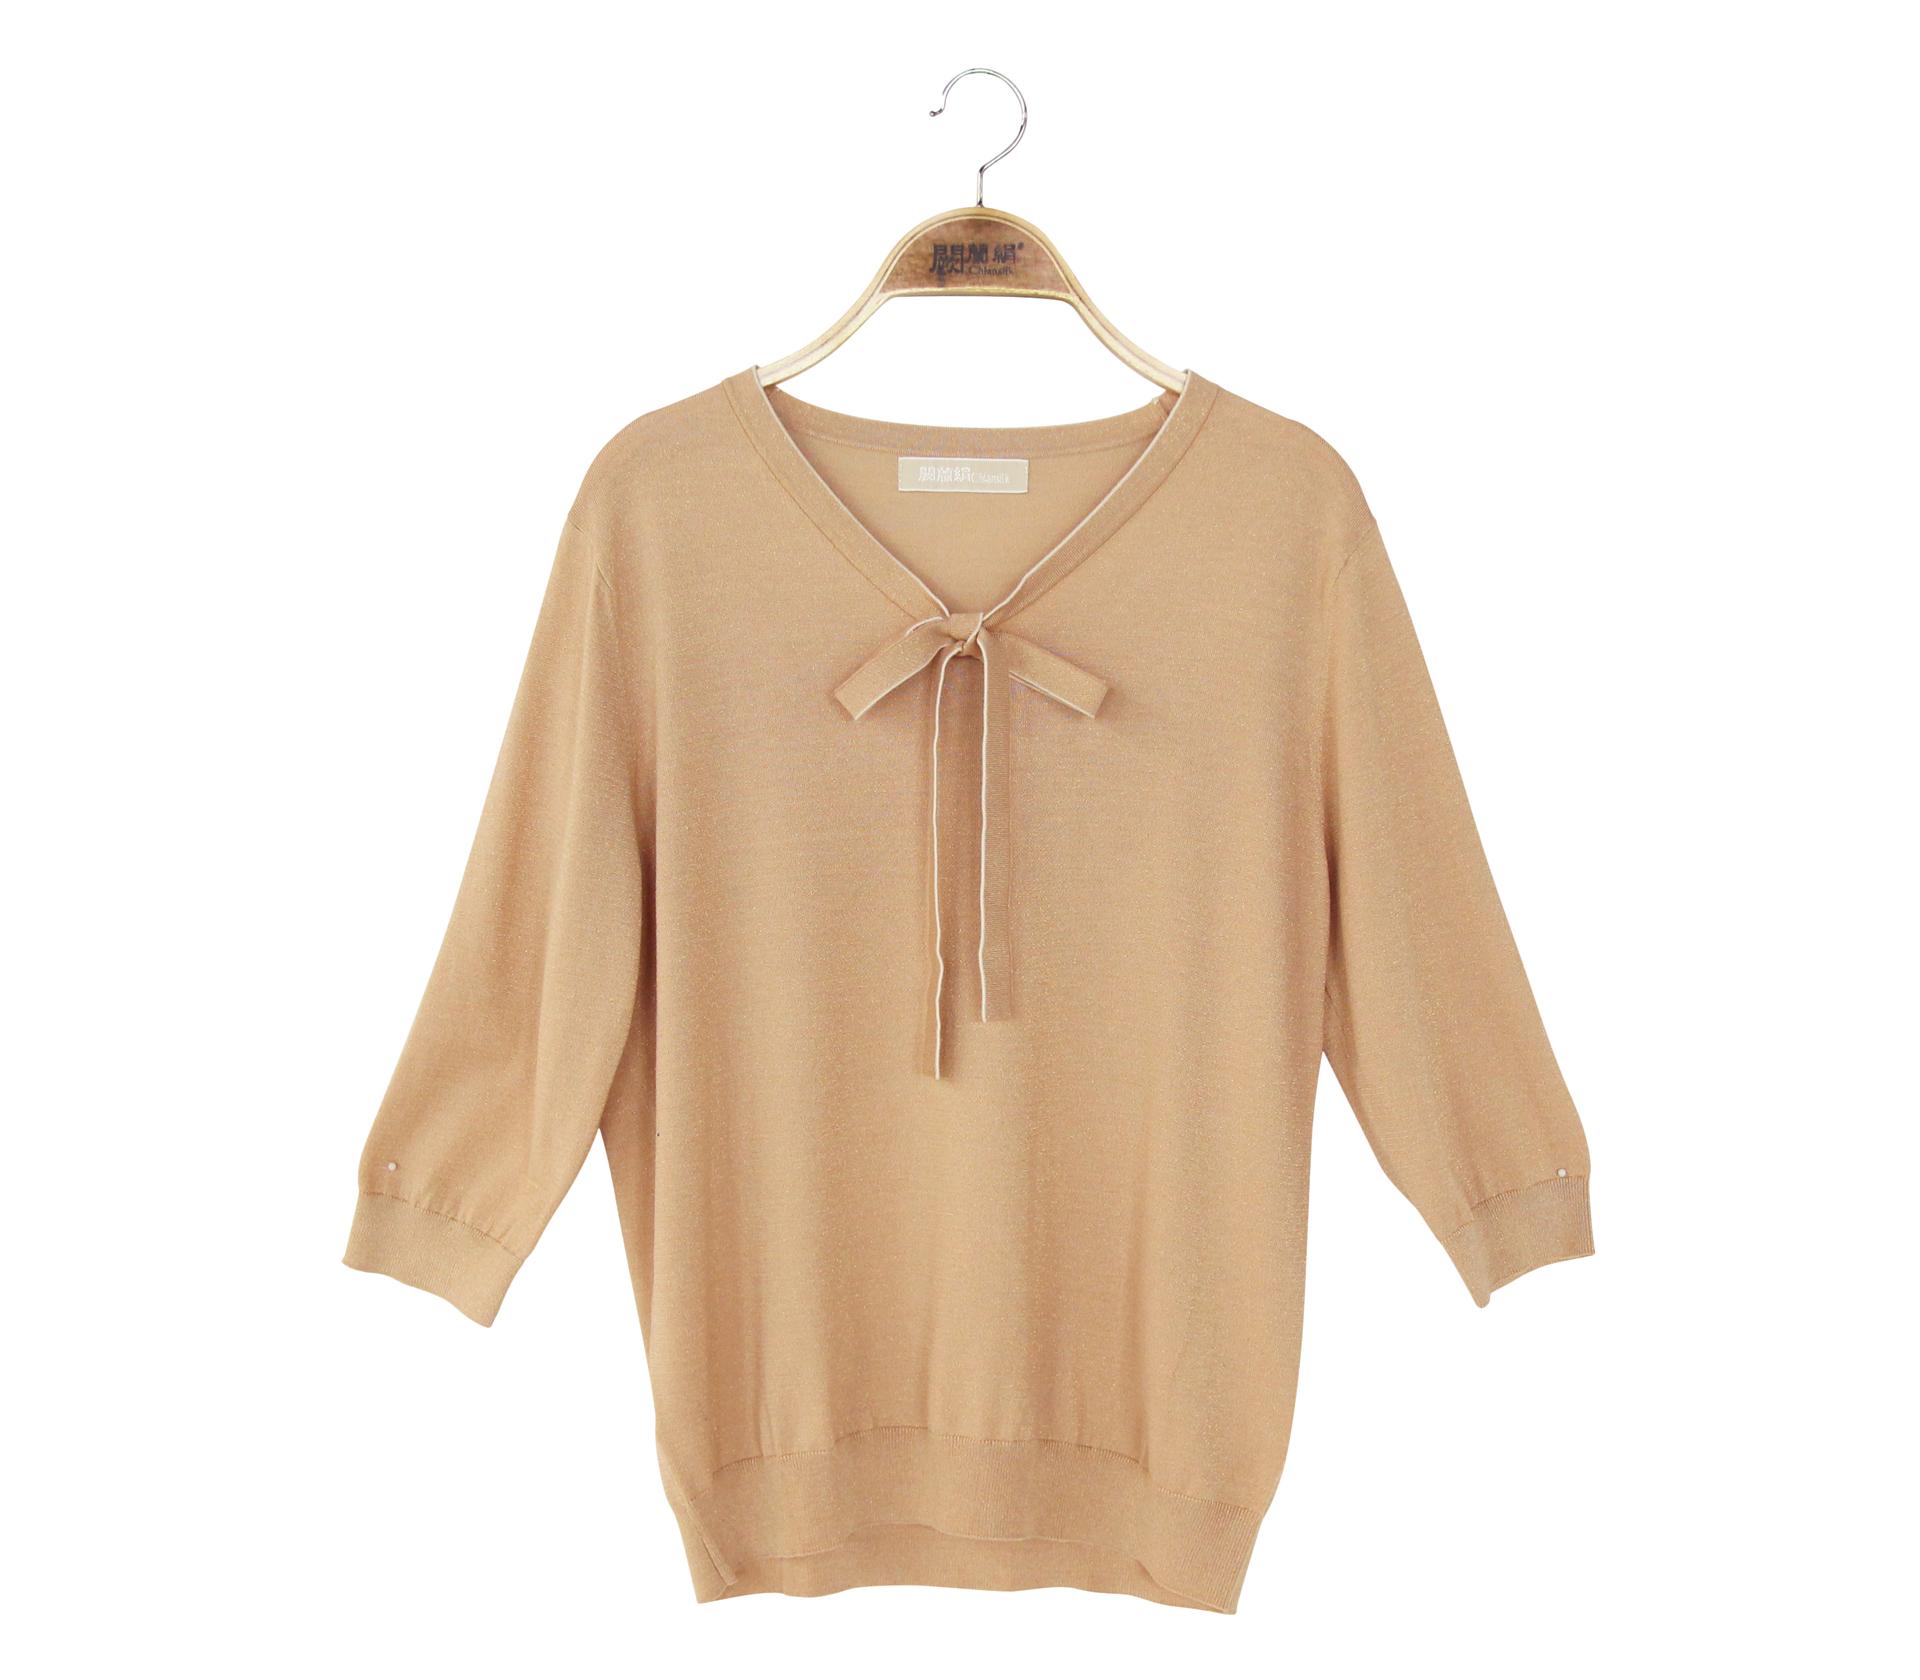 闕蘭絹閃亮奢華綁帶針織蠶絲六分袖上衣 - 米色 - 6644